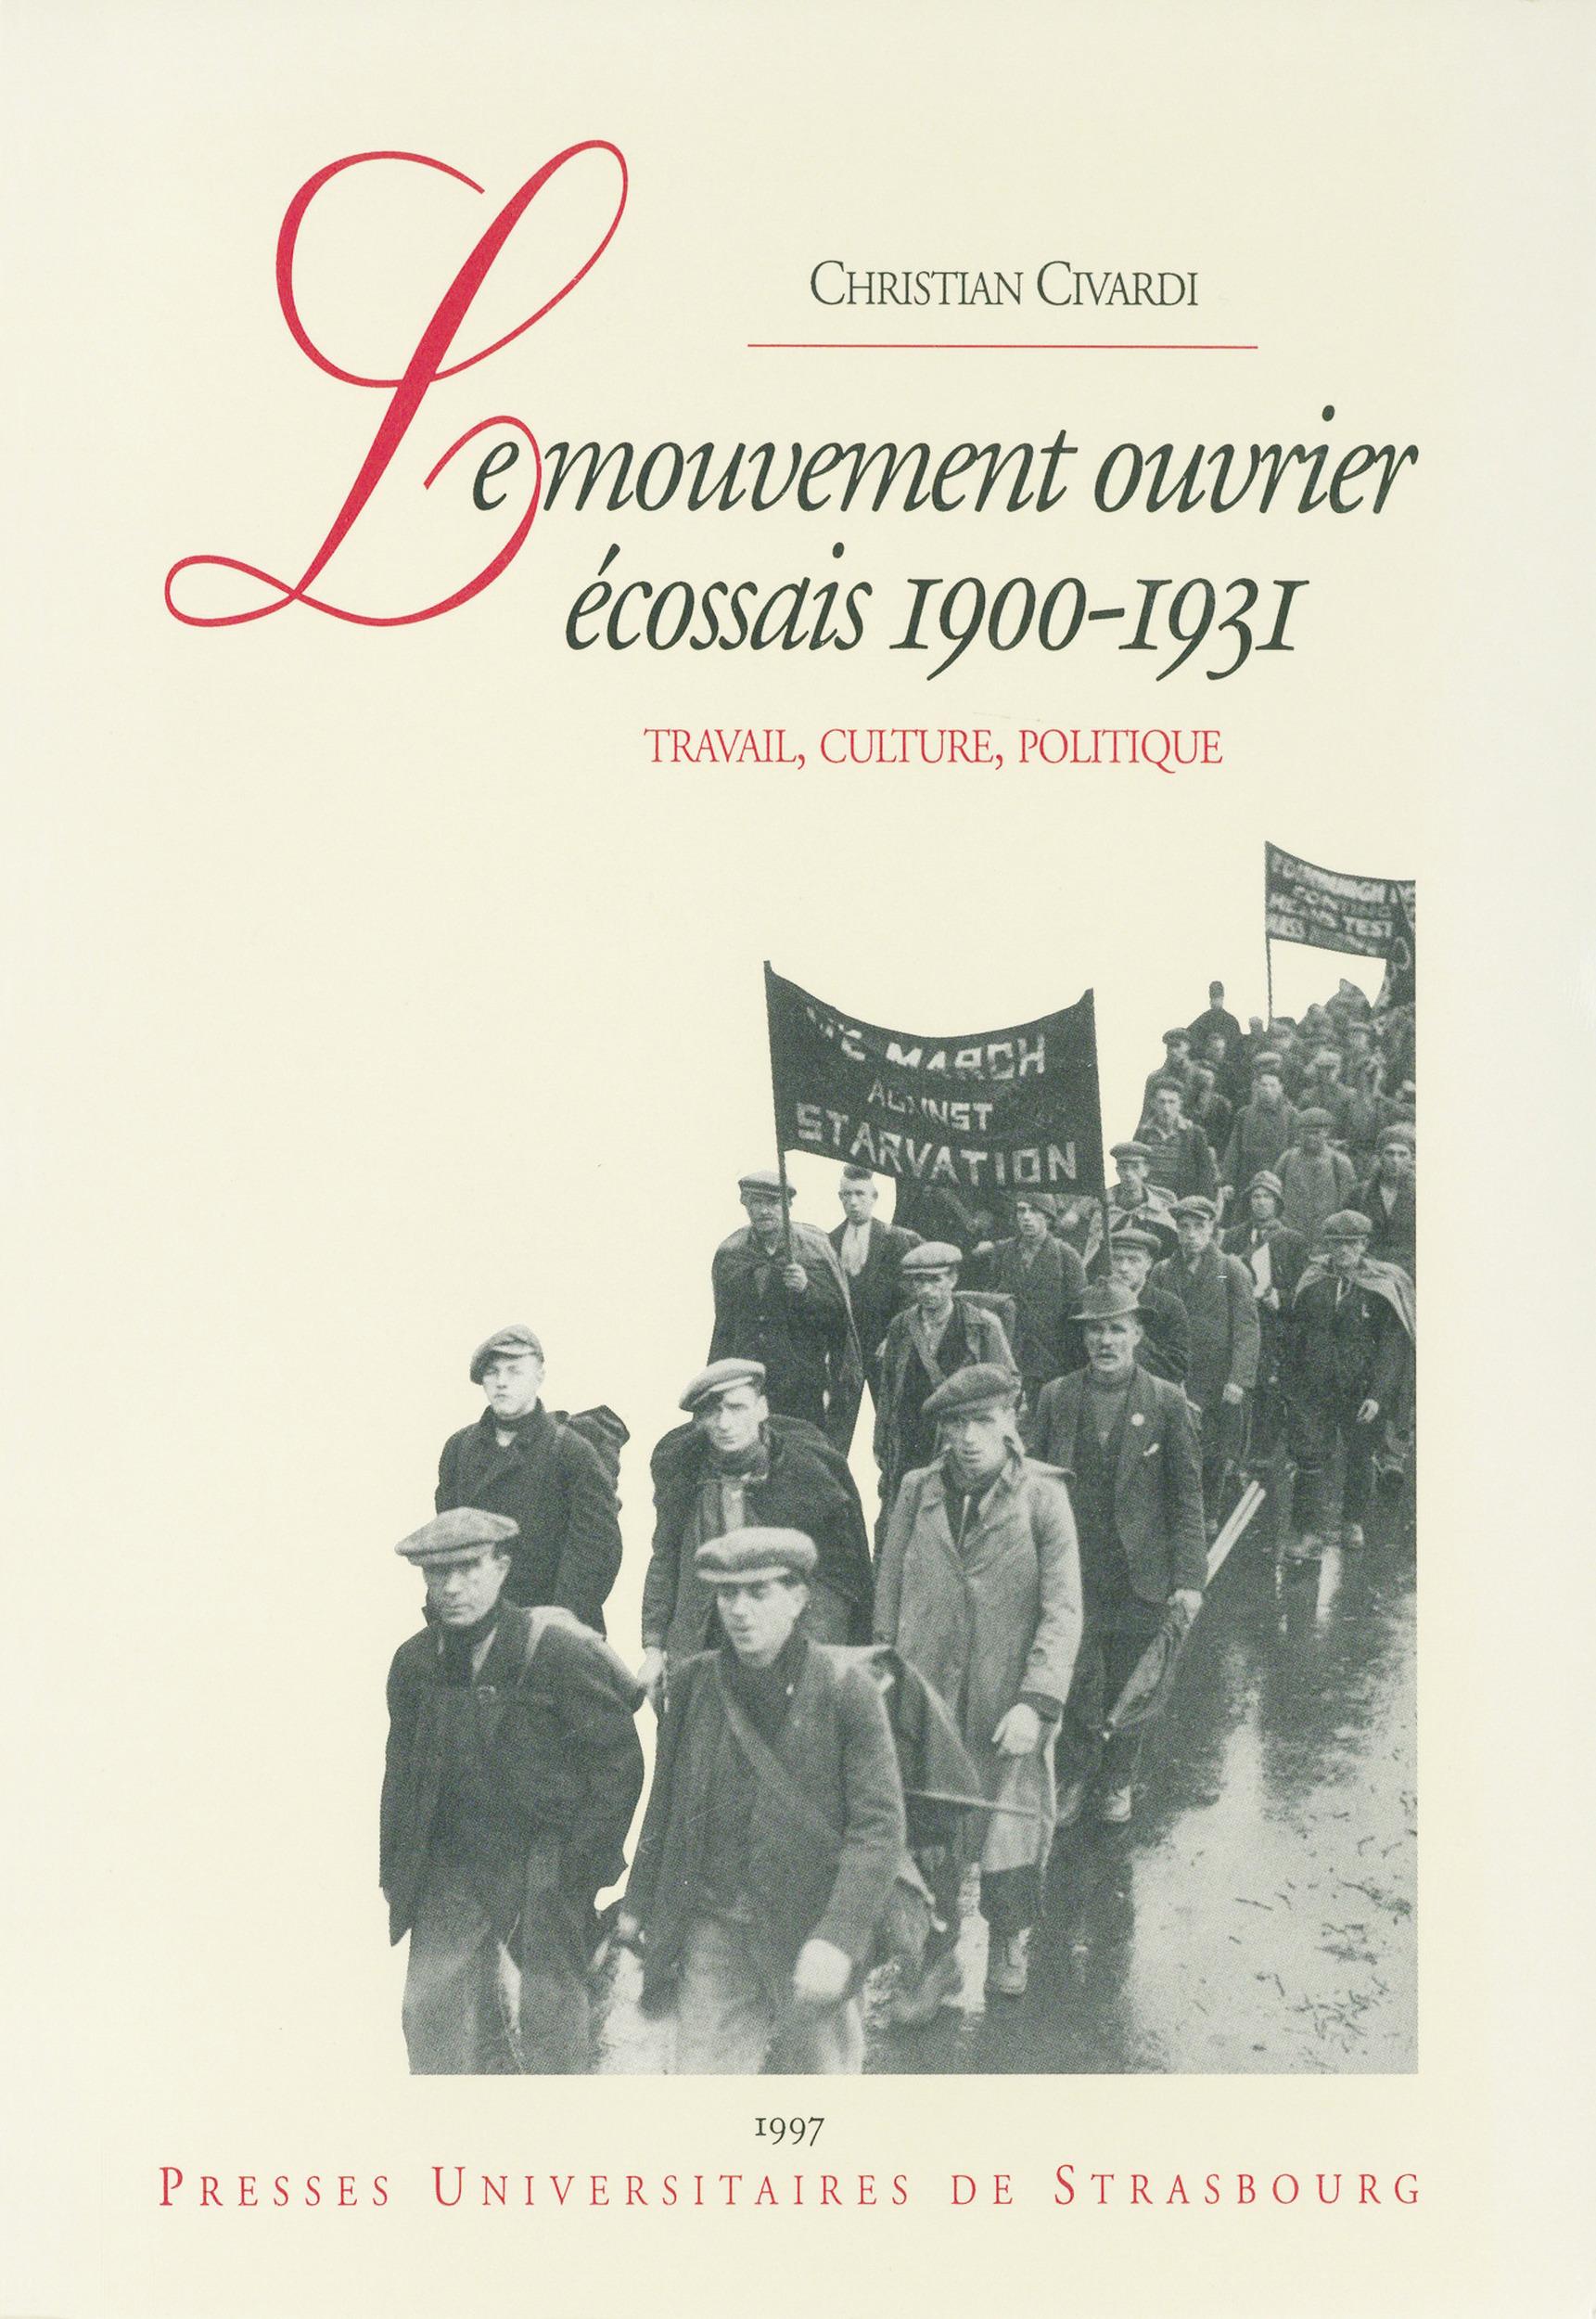 Le mouvement ouvrier écossais, 1900-1931  - Christian Civardi